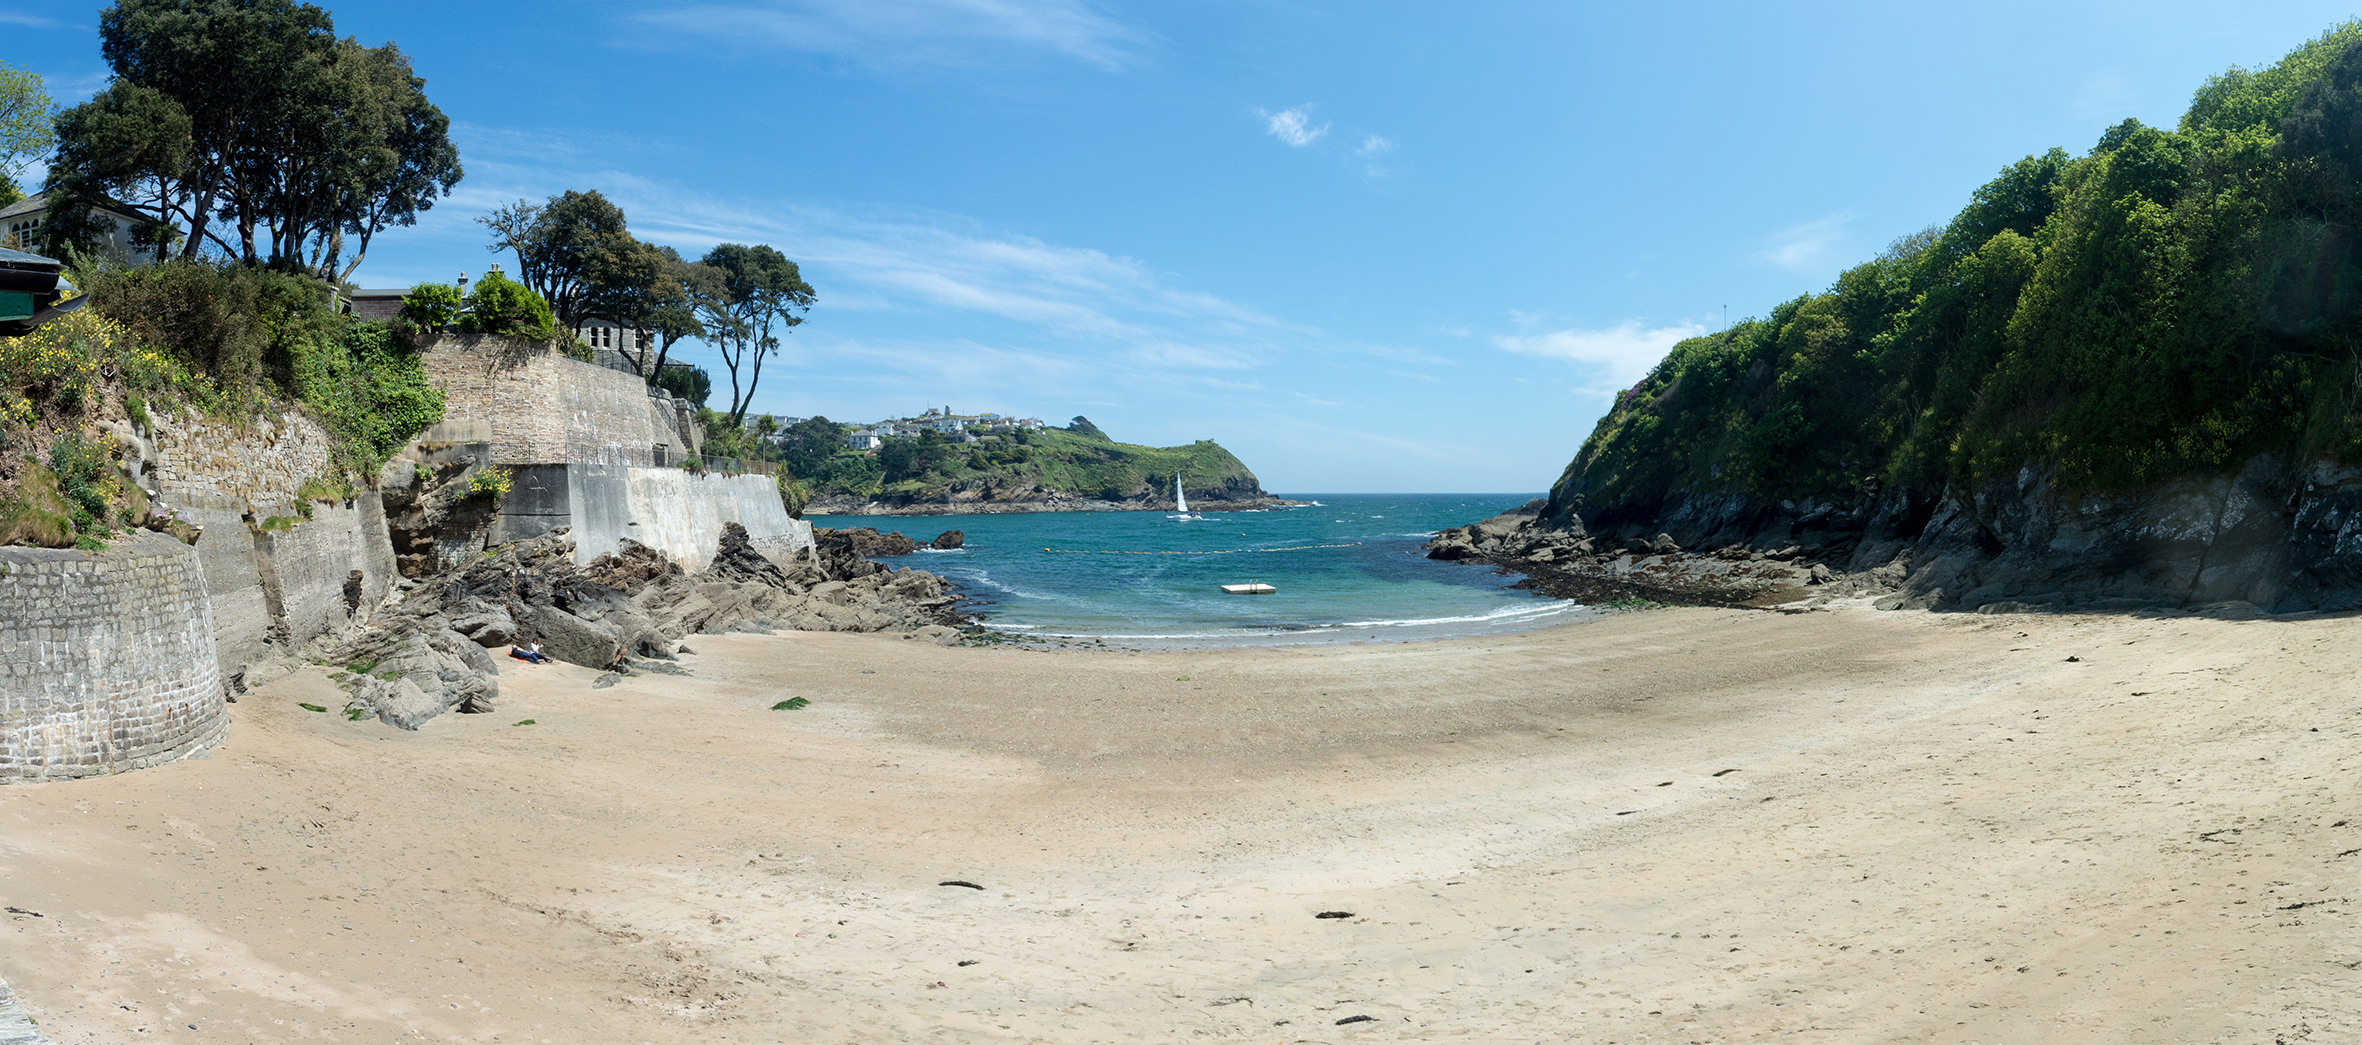 Readymoney Cove